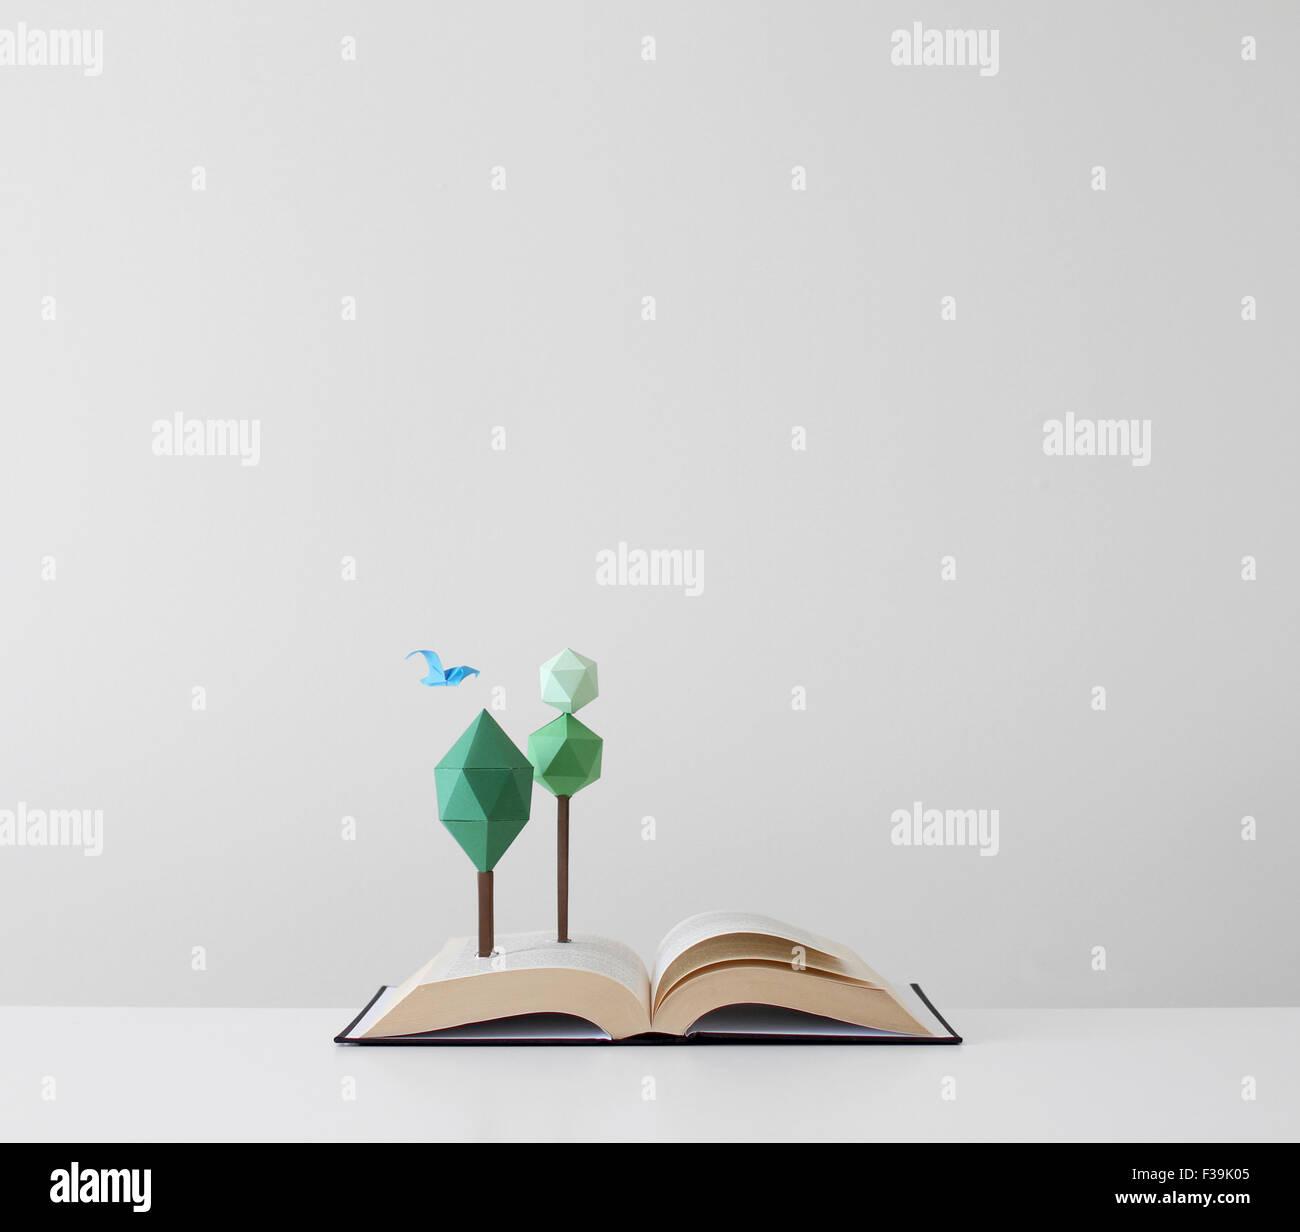 Aves y árboles que crecen fuera de un libro abierto Imagen De Stock